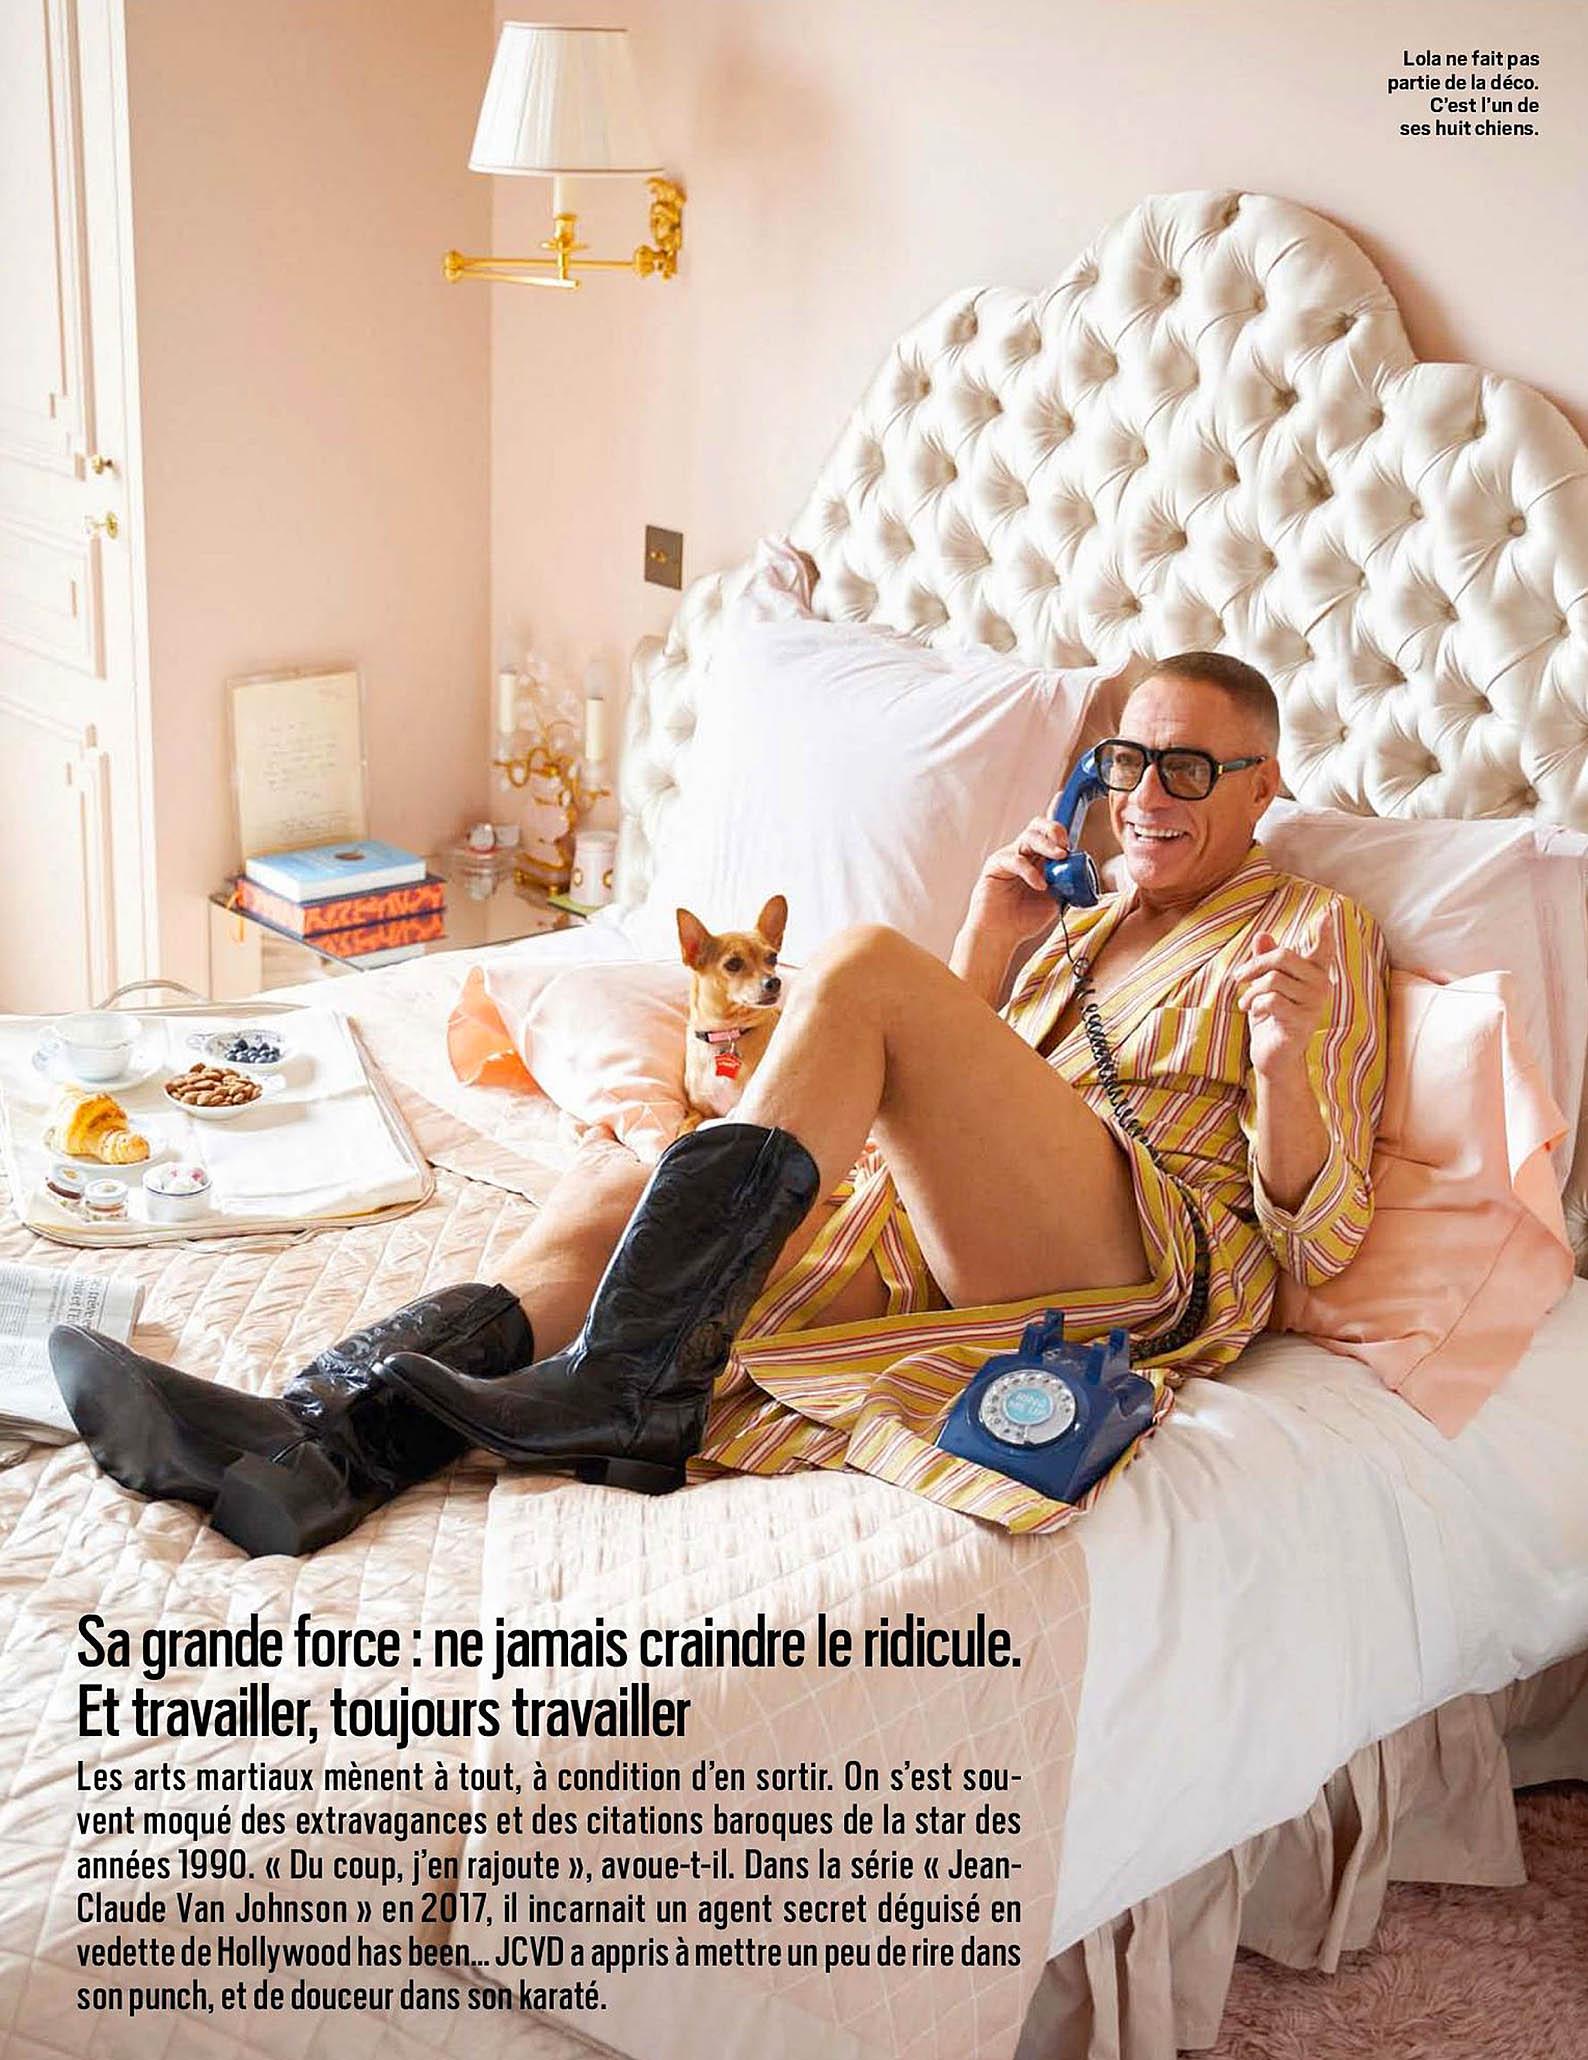 Paris Match 210715 Van Damme 03.jpg